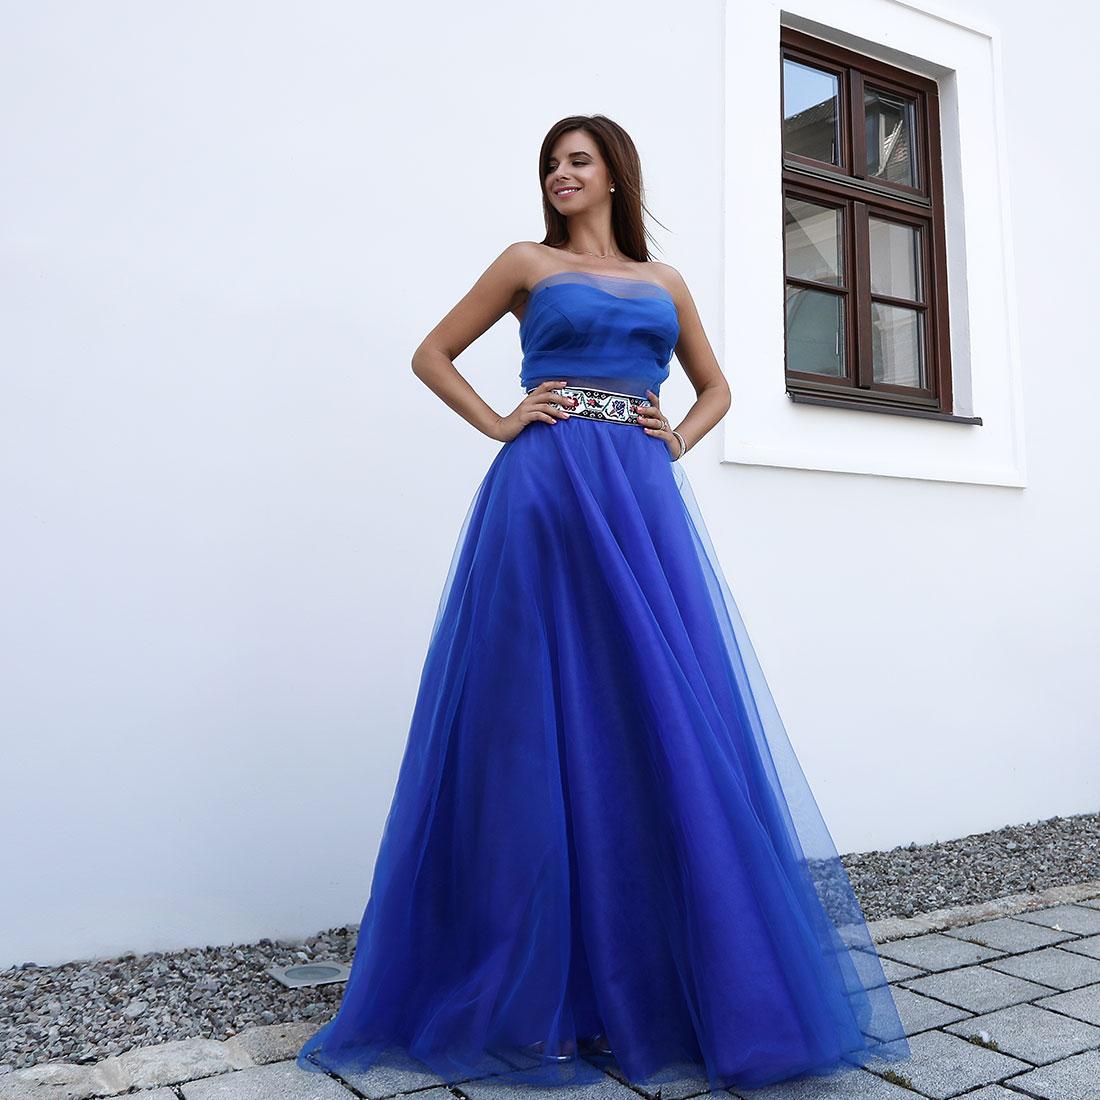 306b99ce7d18 Katleen - Spoločenské a plesové šaty v Nitre